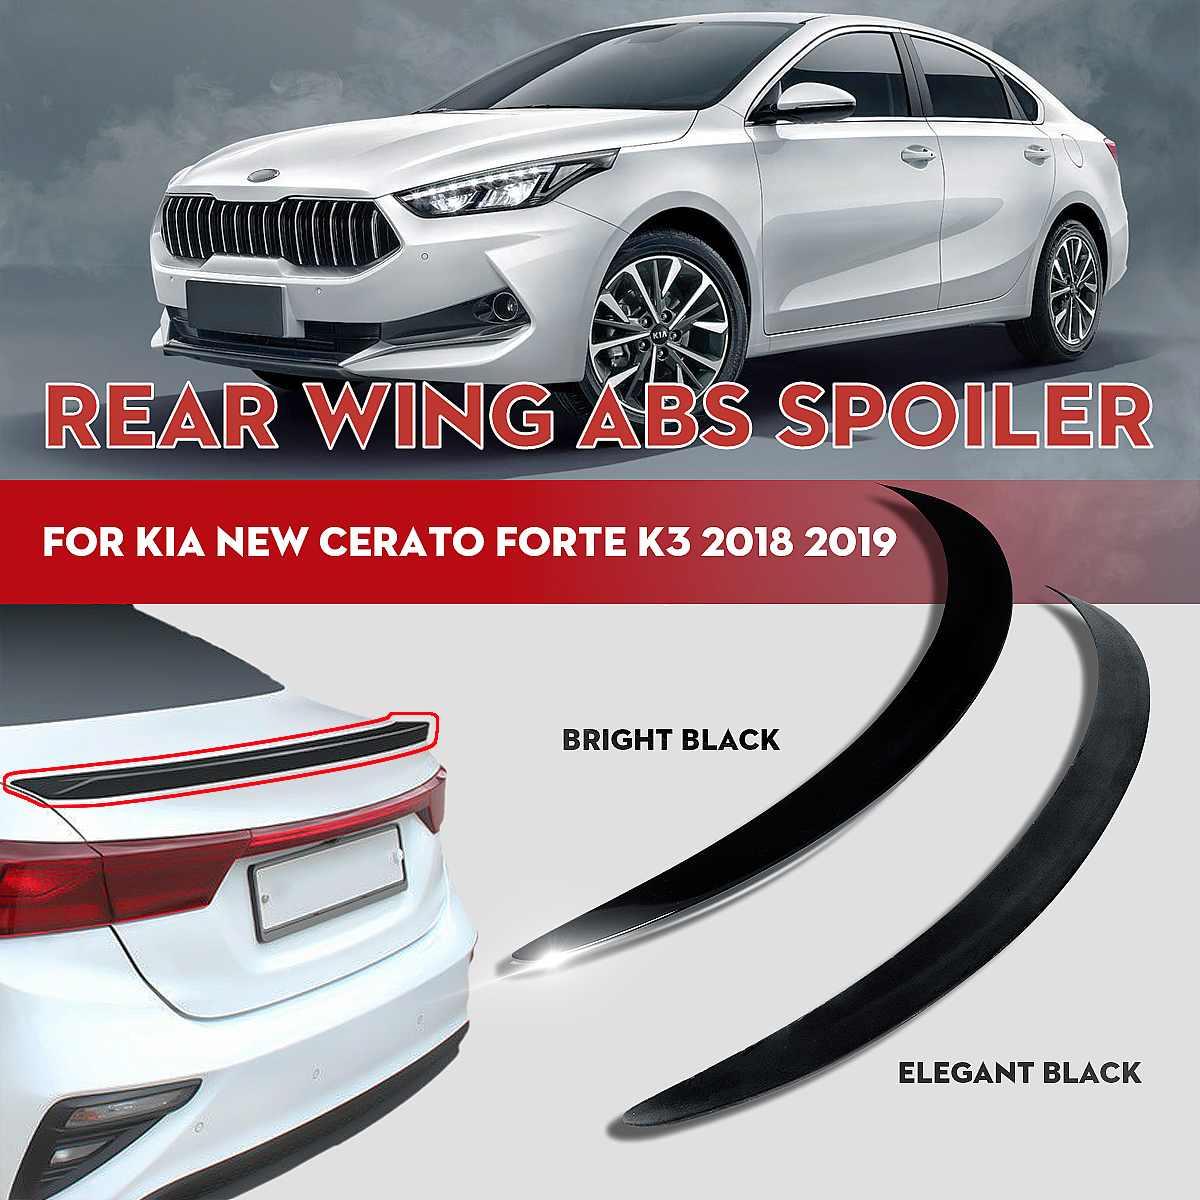 ABS alerón trasero del maletero del coche protector de alerón negro brillante mate para Kia Cerato Forte Sports GT 2018 2019